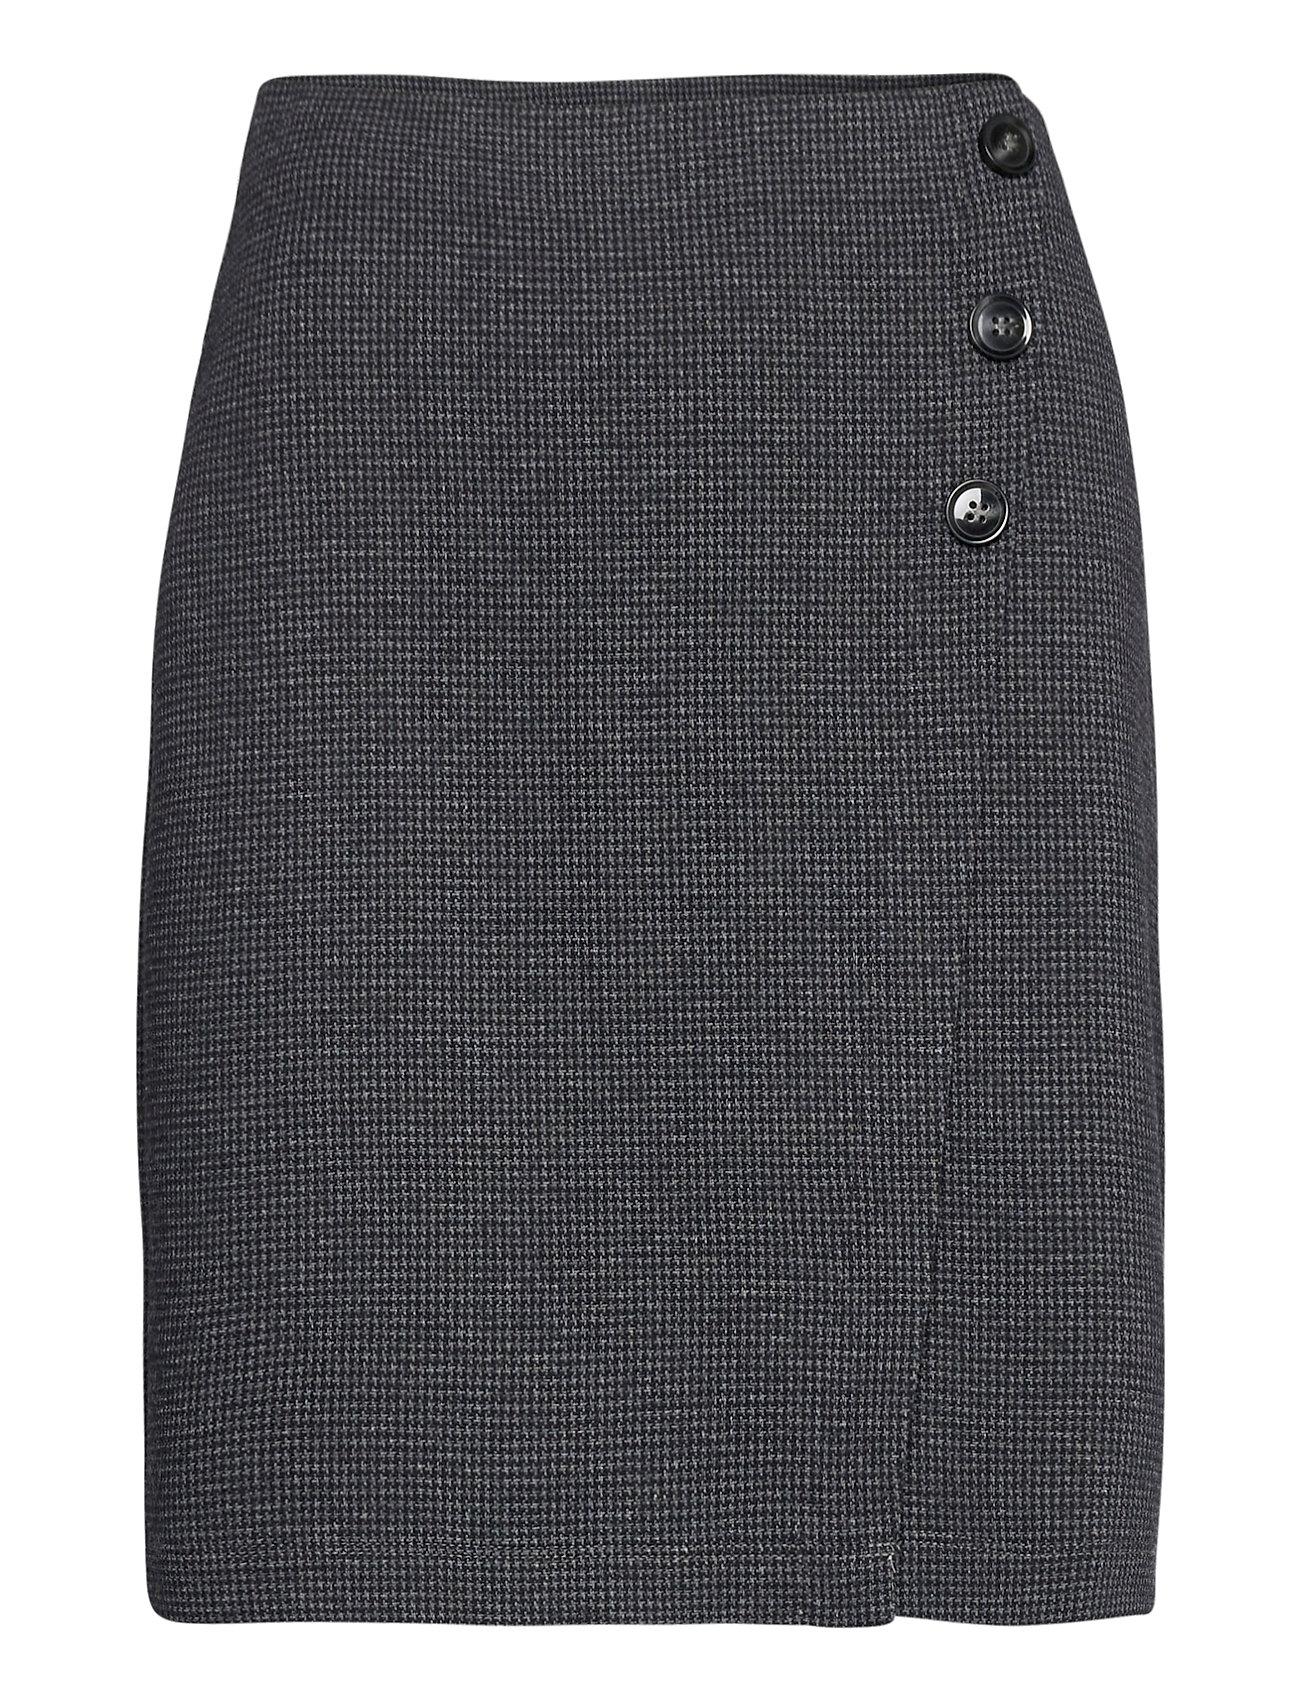 Image of Skirts Woven Kort Nederdel Blå Esprit Casual (3454497693)